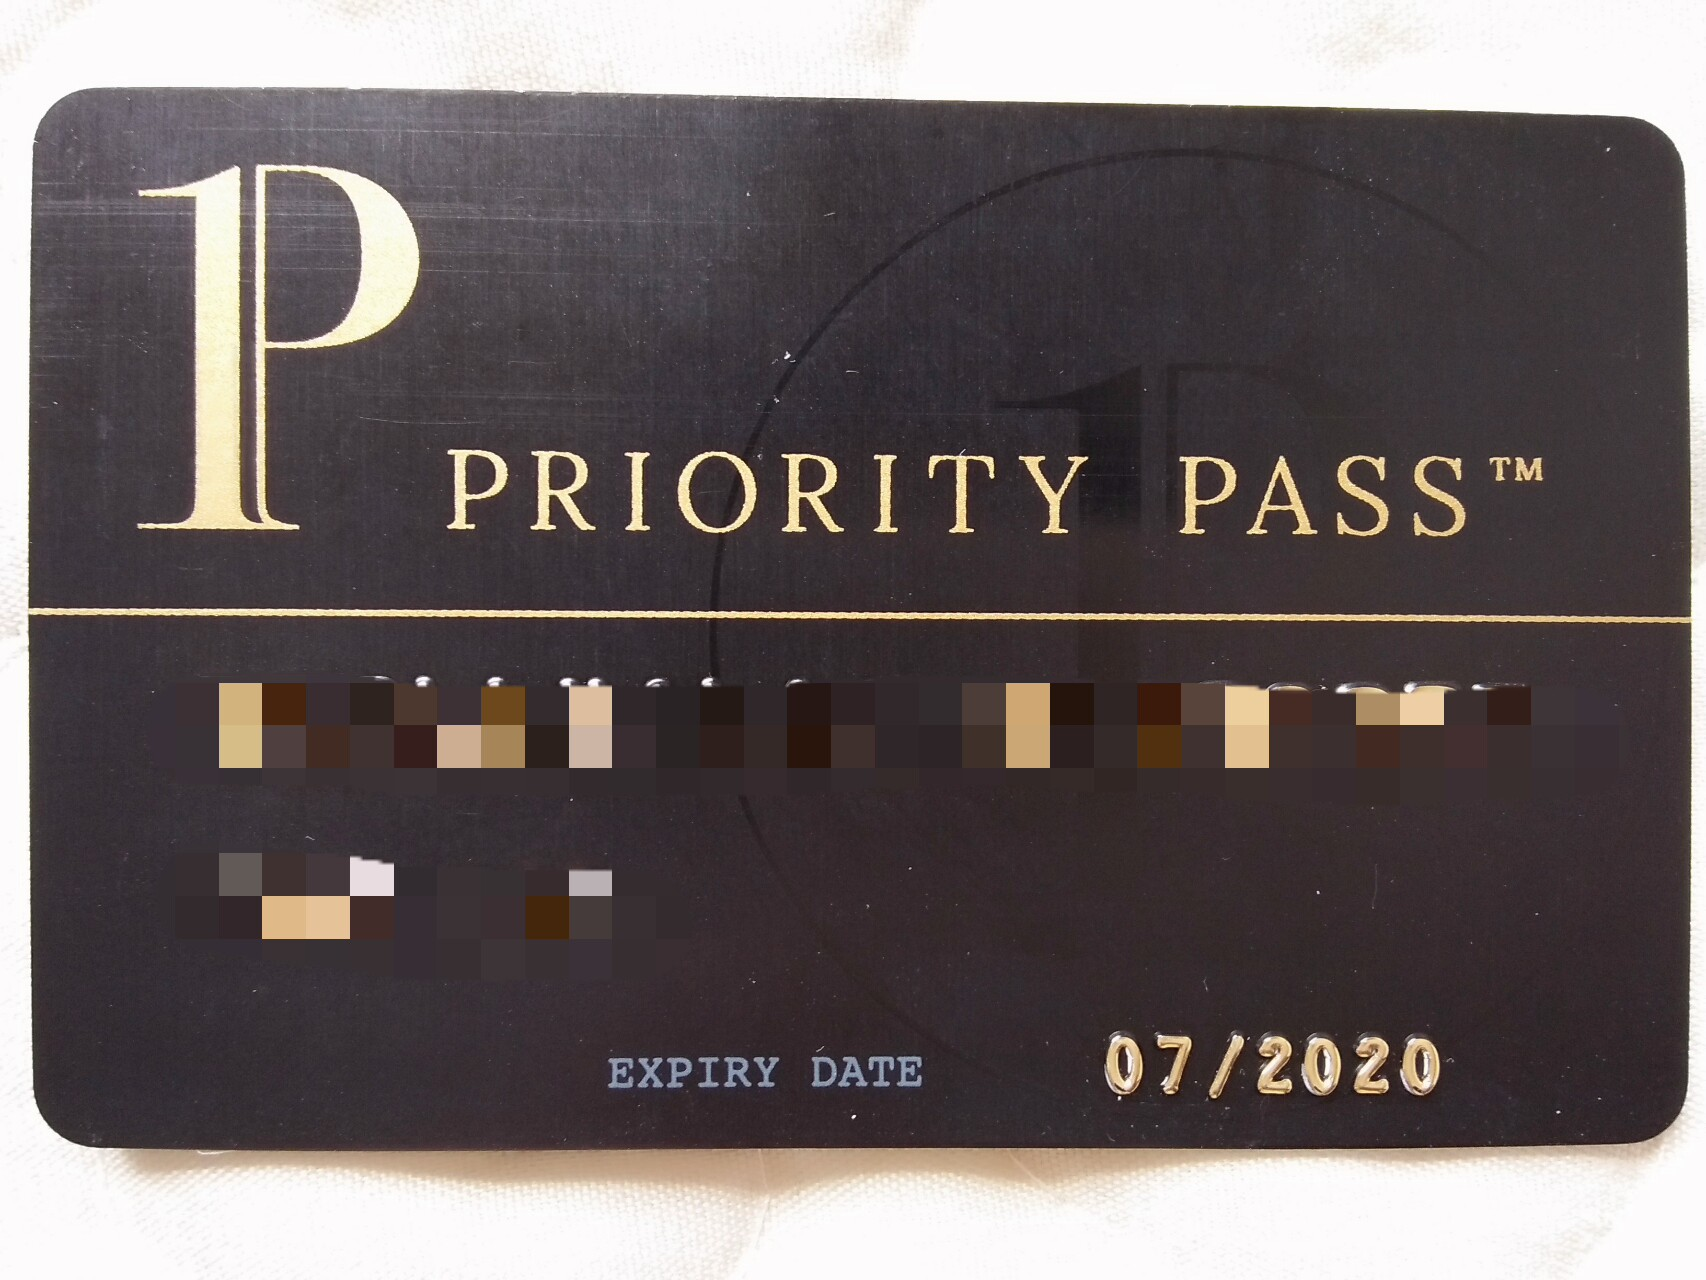 プライオリティパスがあれば空港でご飯が無料で食べれるよ